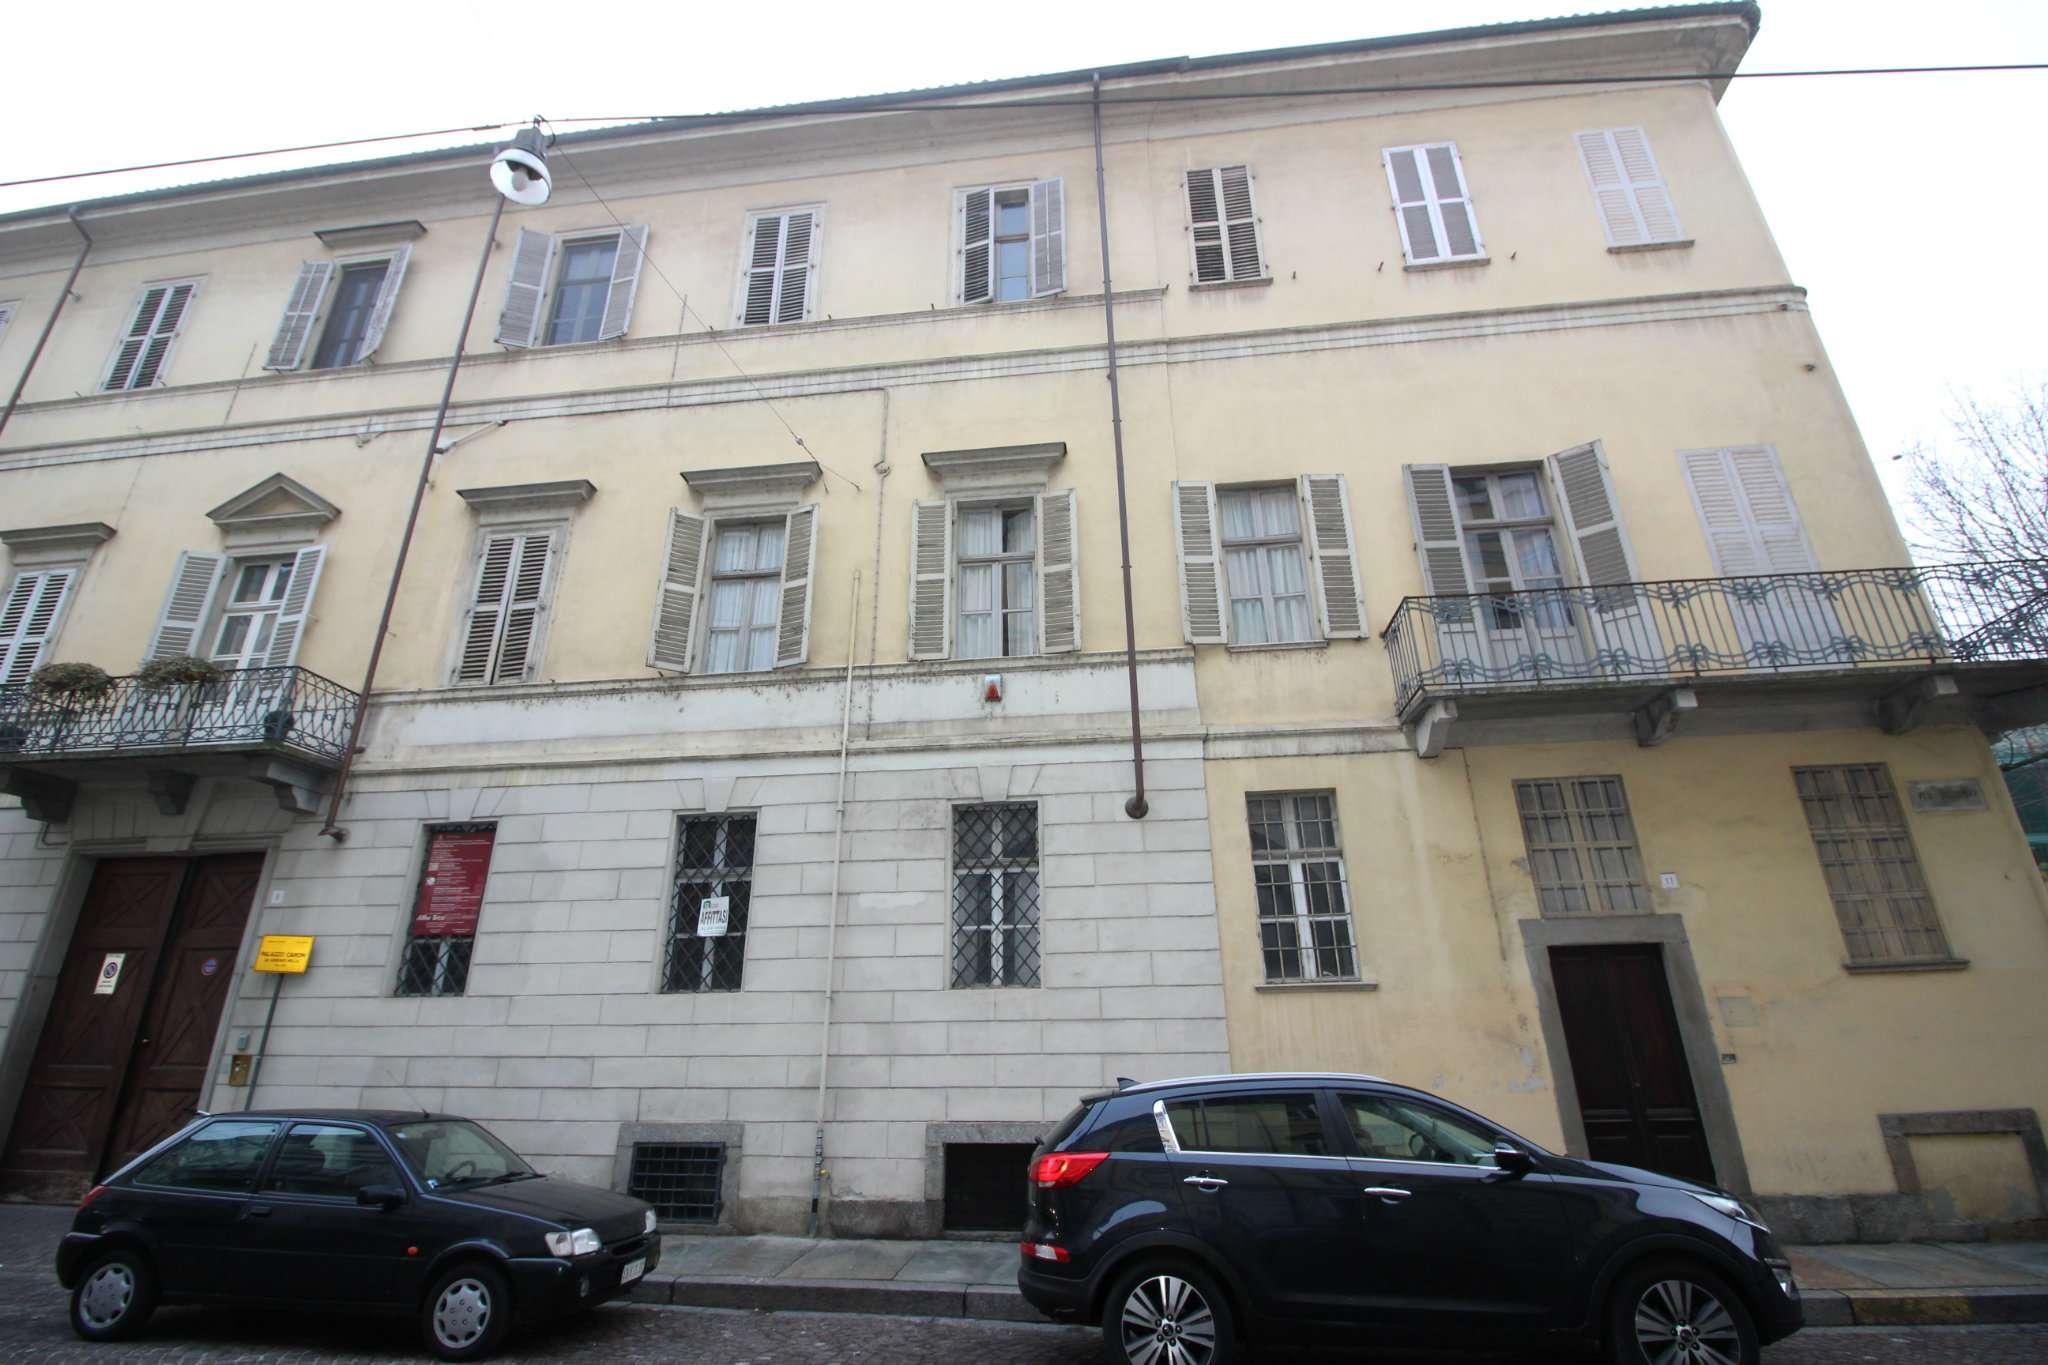 Ufficio / Studio in affitto a Vercelli, 7 locali, prezzo € 750 | PortaleAgenzieImmobiliari.it